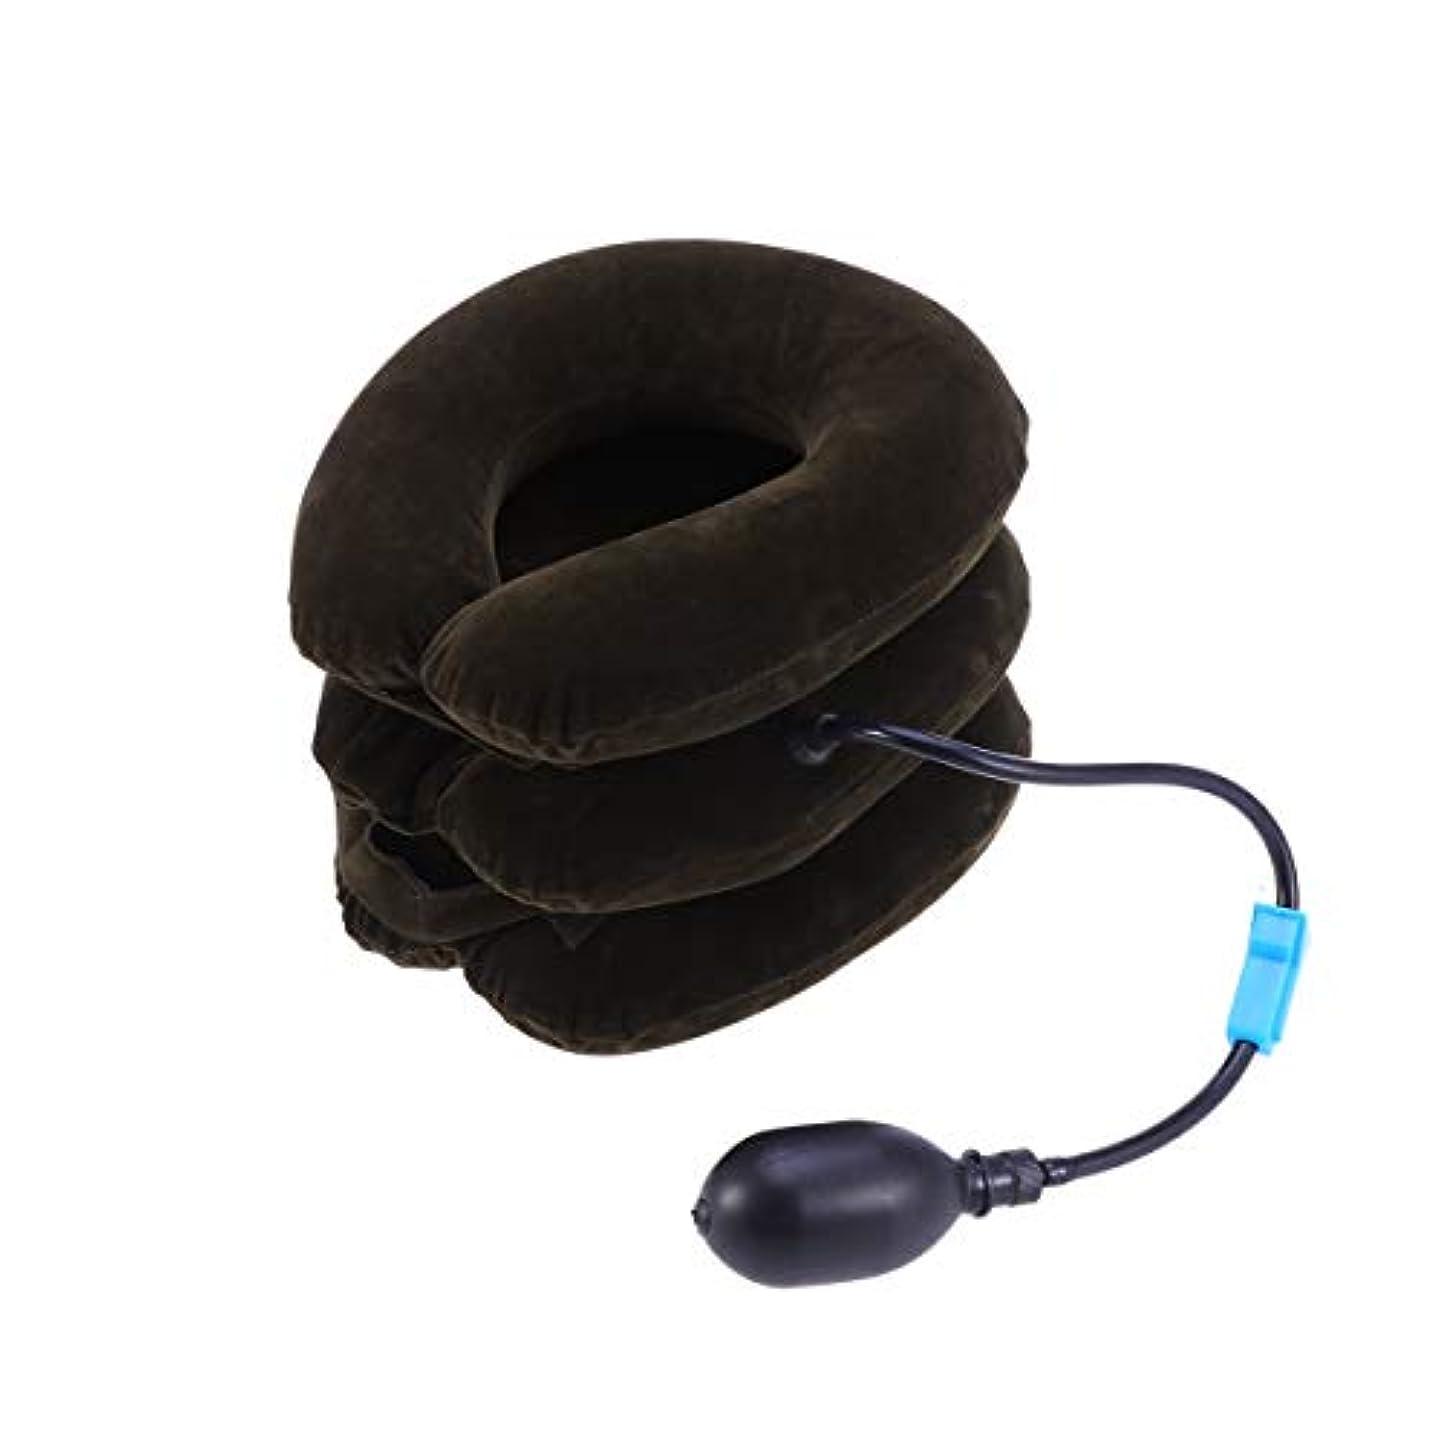 支援する強調排気ポンプ首のマッサージャーが付いている膨脹可能な頚部首の牽引つばの三層の装具の椎骨サポートベルト